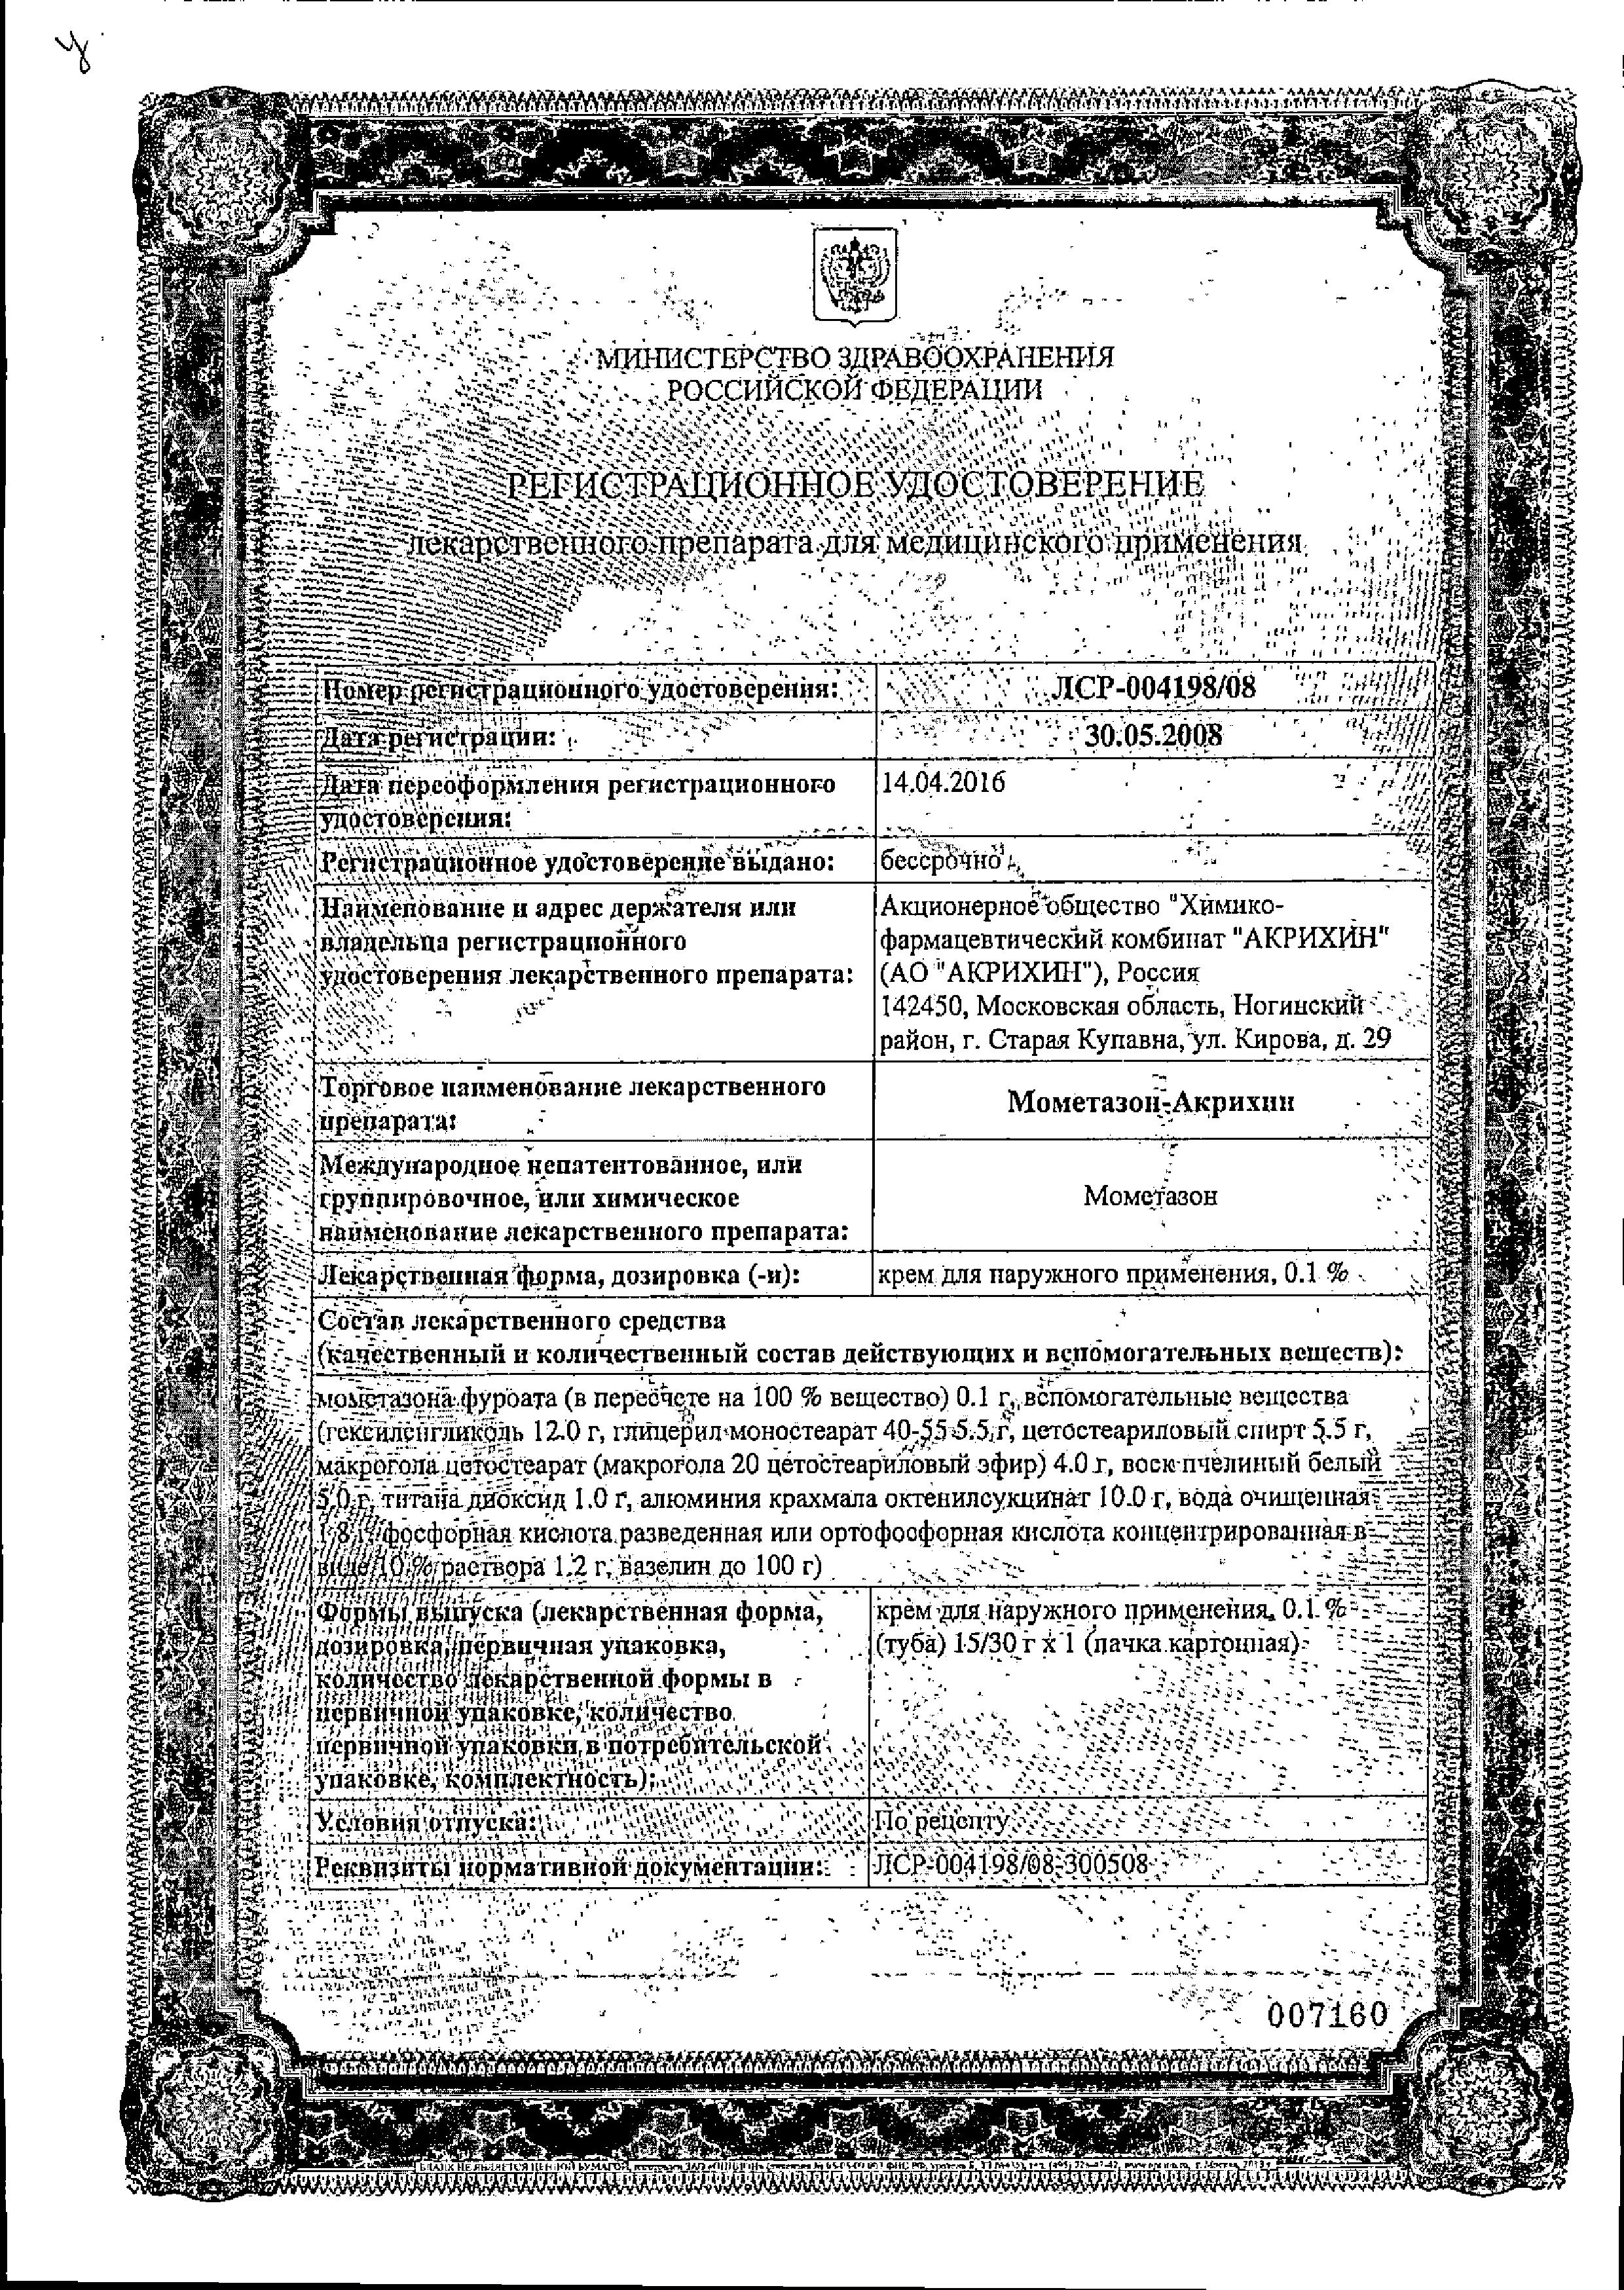 Мометазон-Акрихин сертификат